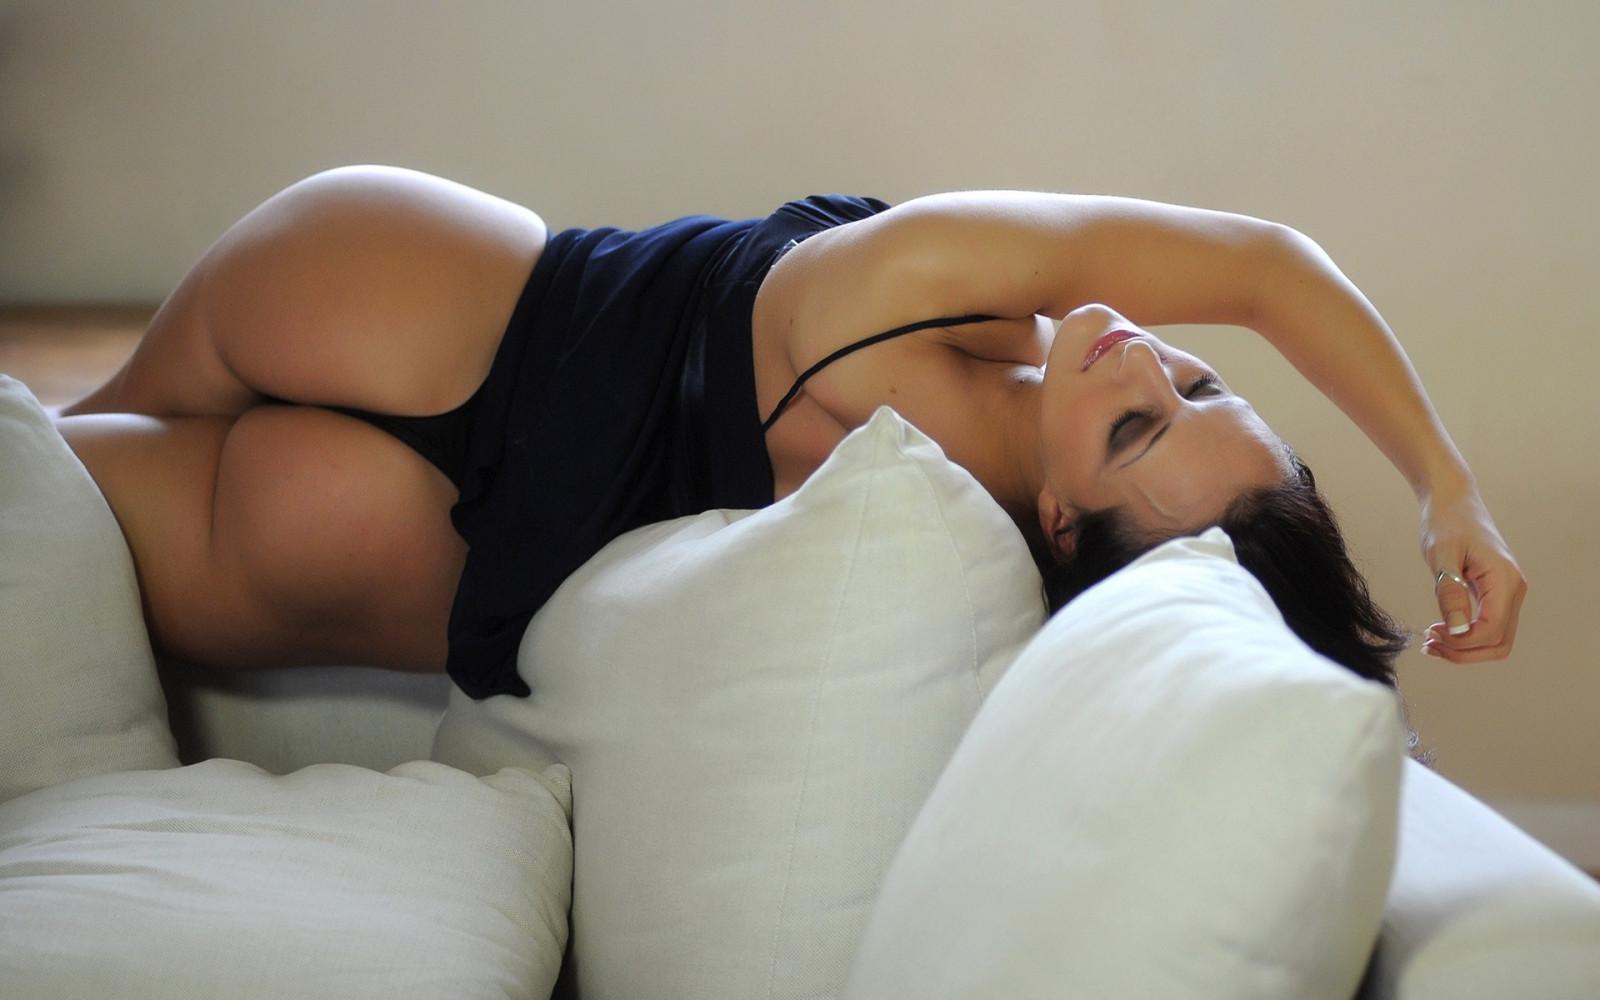 Возбуждающе шикарные тела женщин на фото — 11